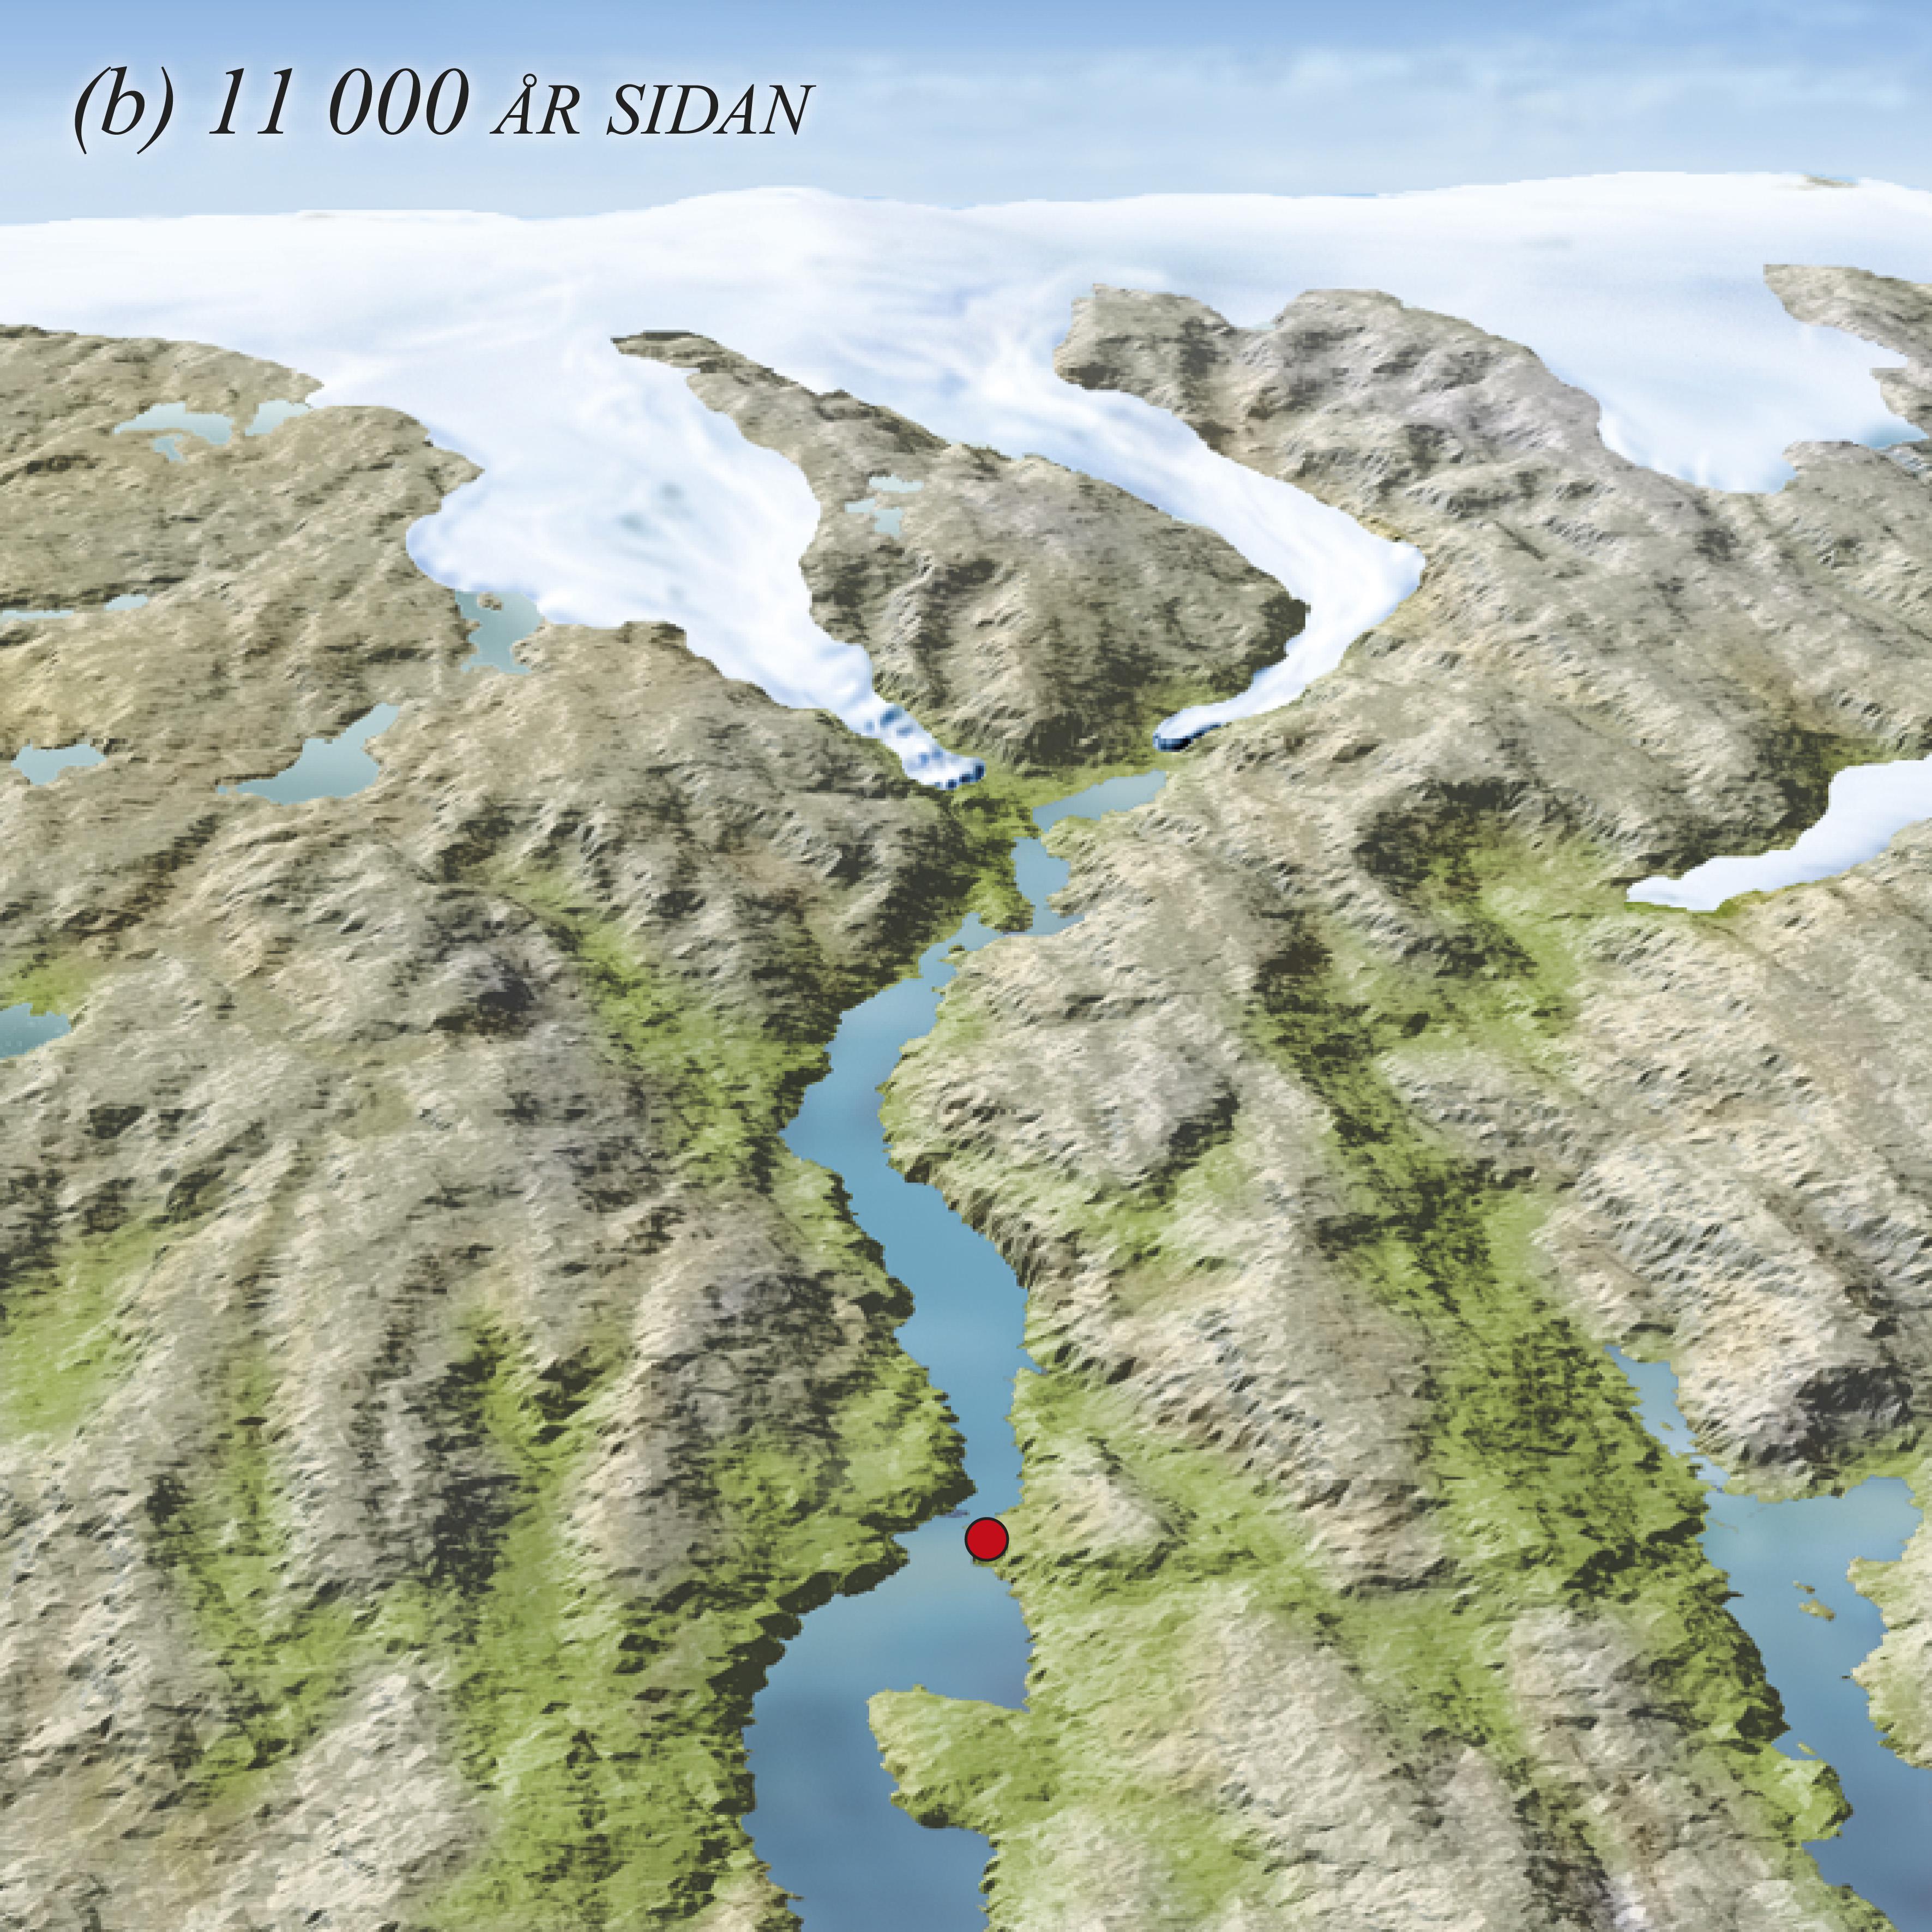 Kalvinga flytta seg innover mot Mo, og fjorden følgde etter.